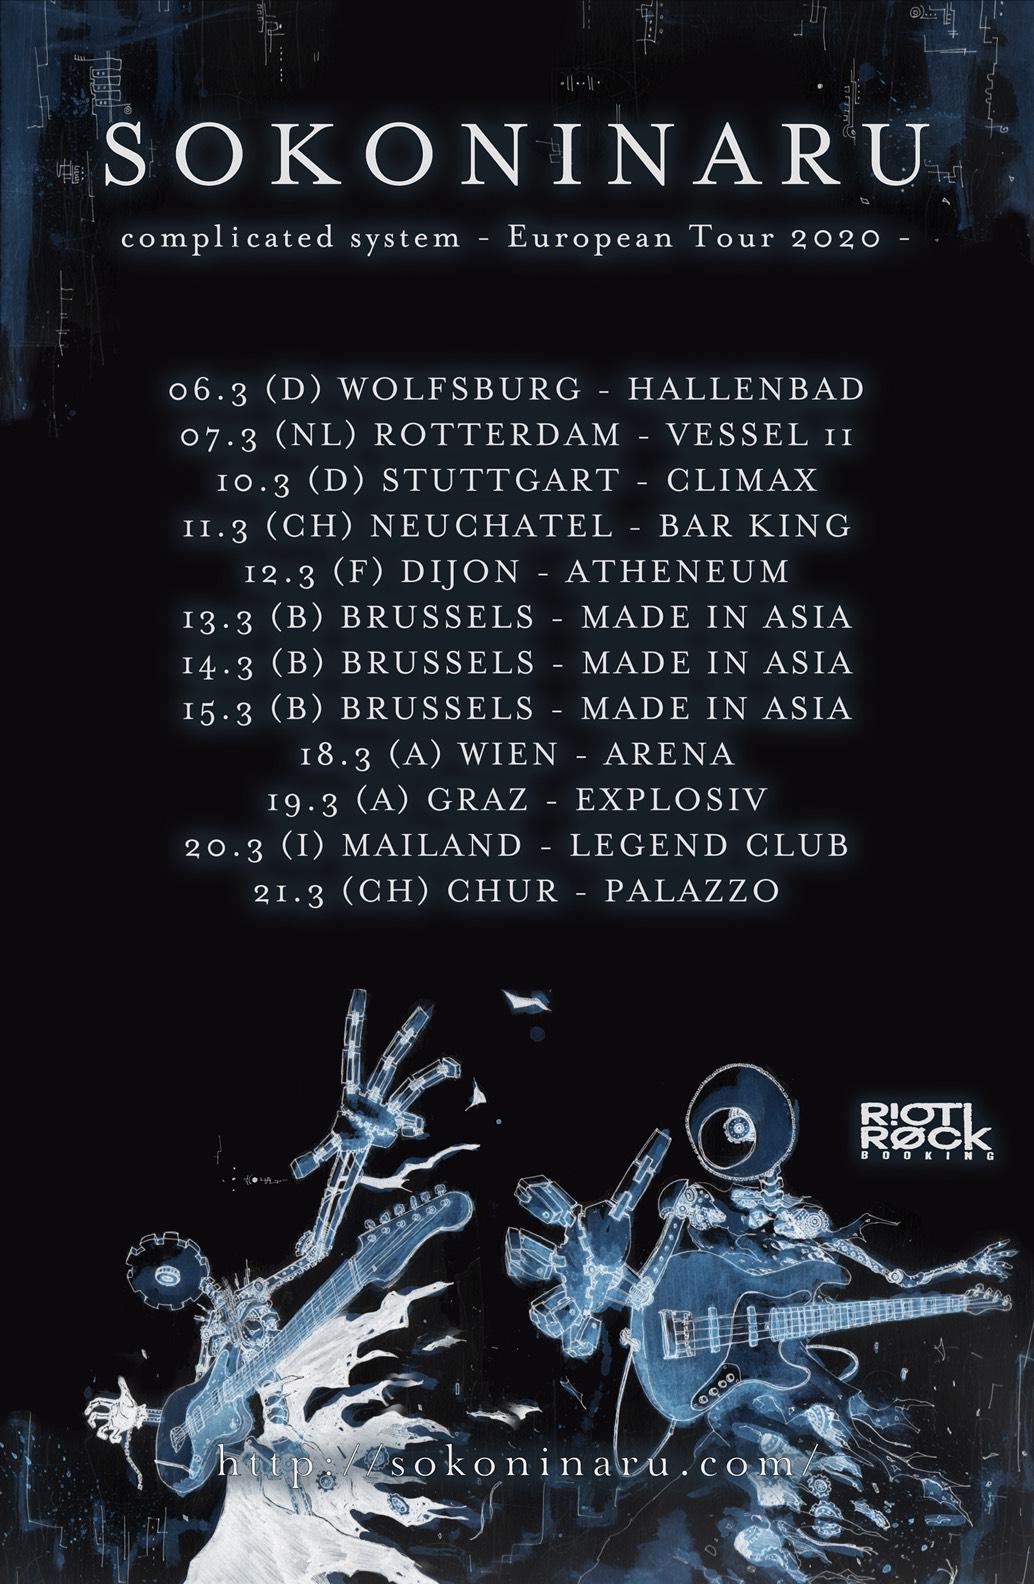 Sokoninaru Europe Tour 2020